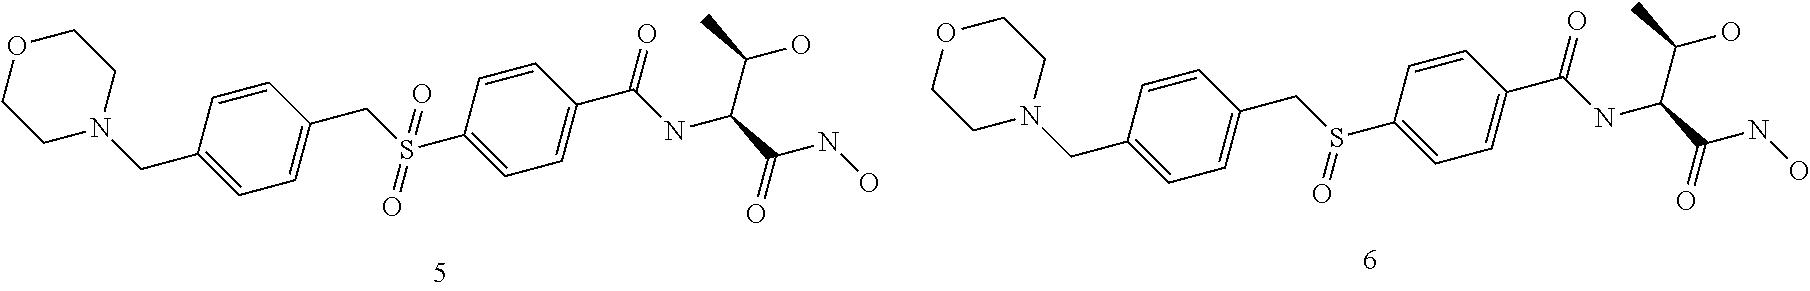 Figure US09617256-20170411-C00110